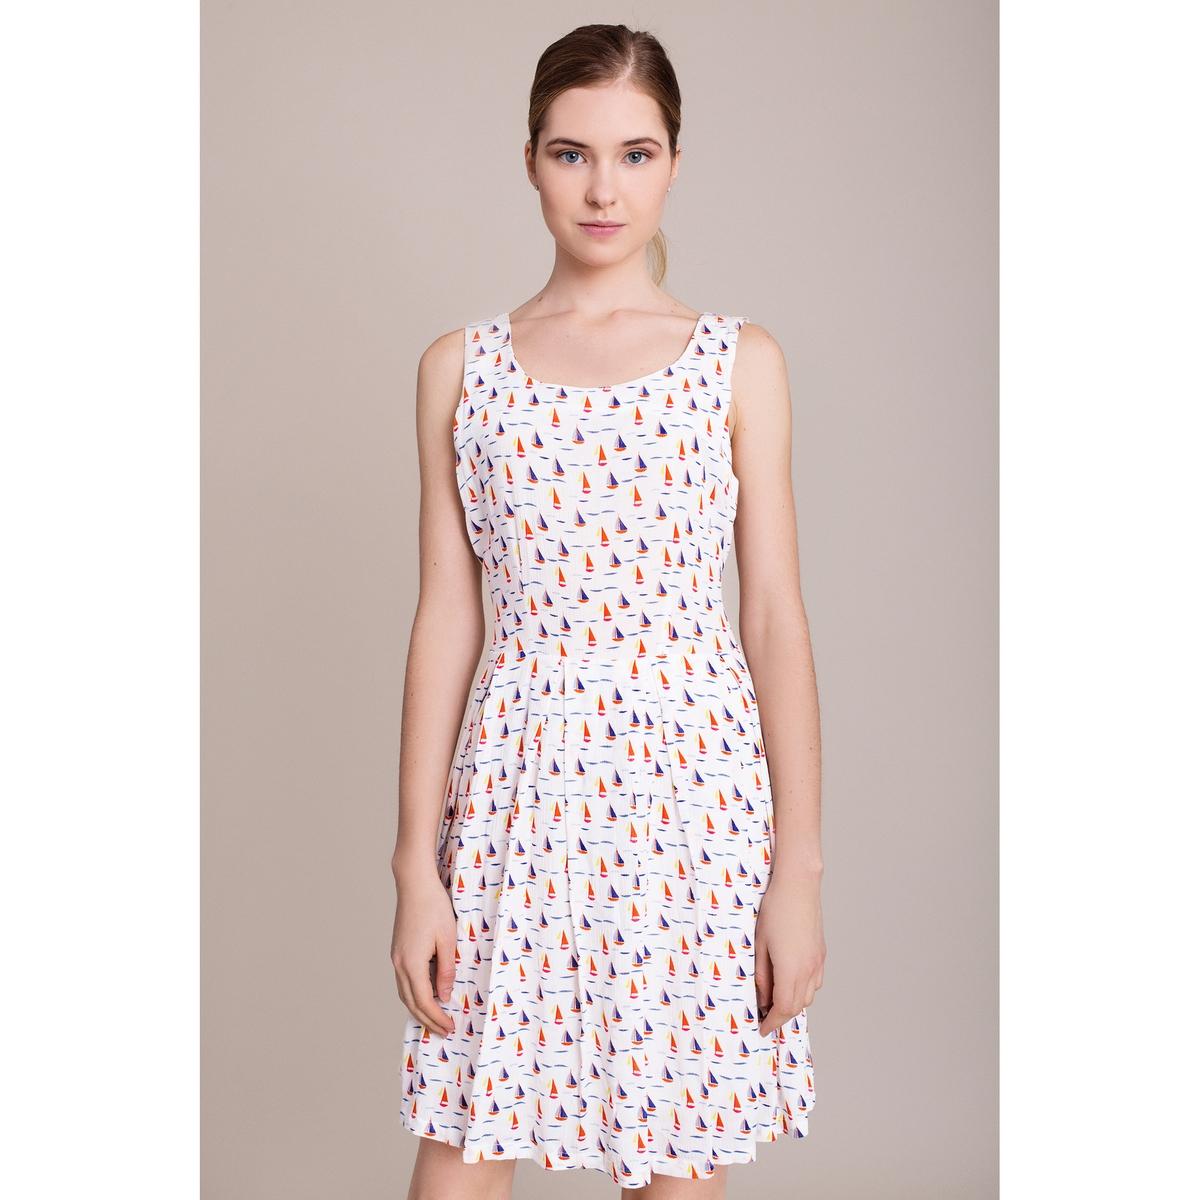 Платье без рукавов MIGLE AND MEСостав и описание :Материал : 100% полиэстераМарка : MIGLE AND ME<br><br>Цвет: белый наб.рисунок